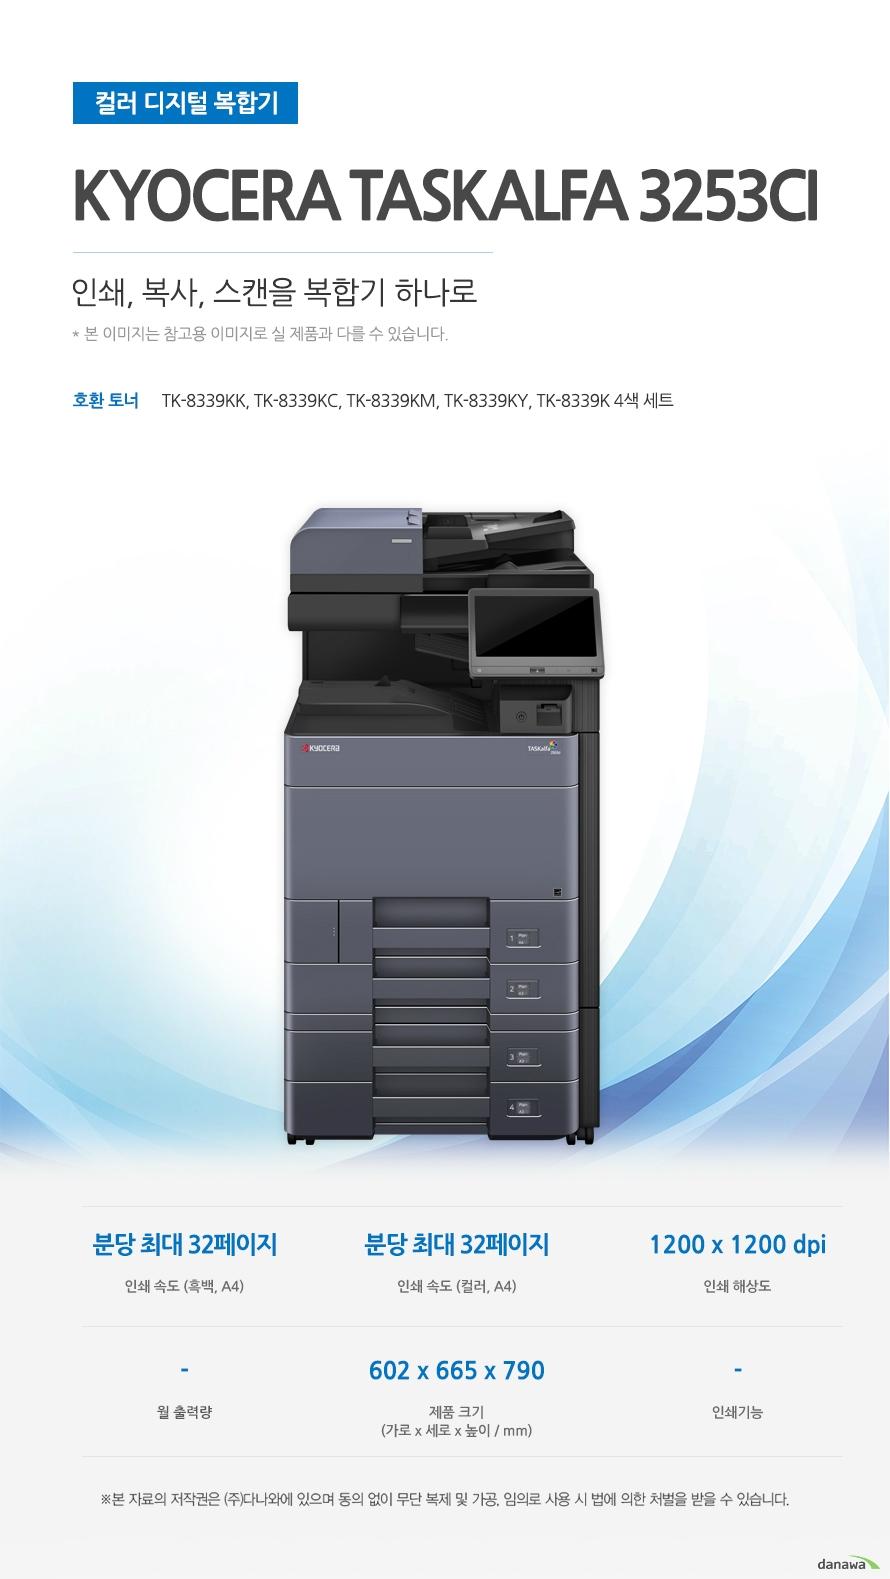 컬러 디지털 복합기 Kyocera TASKalfa 3253ci (테이블 포함) 인쇄,복사.스캔을 복합기 하나로 호환토너 TK-8339KK, TK-8339KC, TK-8339KM, TK-8339KY, TK-8339K 4색 세트 인쇄 속도 (흑백, A4) 분당 최대 32페이지 / 인쇄 속도 (컬러, A4) 분당 최대 32페이지 / 인쇄 해상도 1200 x 1200 dpi / 제품 크기 (가로 x 세로 x 높이 / mm) 602 x 665 x 790 최대 25ppm의 빠른 인쇄 속도 다양한 문서에 대한 빠른 인쇄로 가정, 학교, 사무실 등 어느 환경에서나 답답함 없이 문서를 출력하실 수 있습니다.  *ppm: pages per minute (1분에 출력하는 페이지 수)흑백 출력 속도 32ppm / 컬러 출력 속도 32ppm / 흑백 첫 장 인쇄 5.9초 / 컬러 첫 장 인쇄 7.7초 효율적인 용지급지 용지함을 한 번 채워 넣으면 용지를 자주 채워줄 필요 없이 오랫 동안 사용할 수 있어, 업무 중 불필요한 시간 낭비를 줄여줍니다. *최대 용지함 개수와 최대 급지용량은 기본 장착이 아닙니다. 제품 구매 전 옵션 사항을 확인하세요.최대 용지함(옵션) 4단 용지함 기본 급지 용량 1,150매 최대 급지 용량  7,150매 어느 공간에나 어울리는 컴팩트한 사이즈 컴팩트한 사이즈로 다양한 환경에서 부담없이 설치하고 효율적으로 배치시킬 수 있습니다. 602 x 665 x 790mm 가로 x 세로 x 높이 사무환경에 맞는 인쇄, 복사, 스캔 기능 인쇄, 복사, 스캔 기능을 결합하여 불필요한 시간 절약은 물론, 더욱 효율적인 처리가 가능합니다. *팩스의 경우 기본장착이 아닙니다. 제품 구매 전 옵션 사항을 확인 하세요.